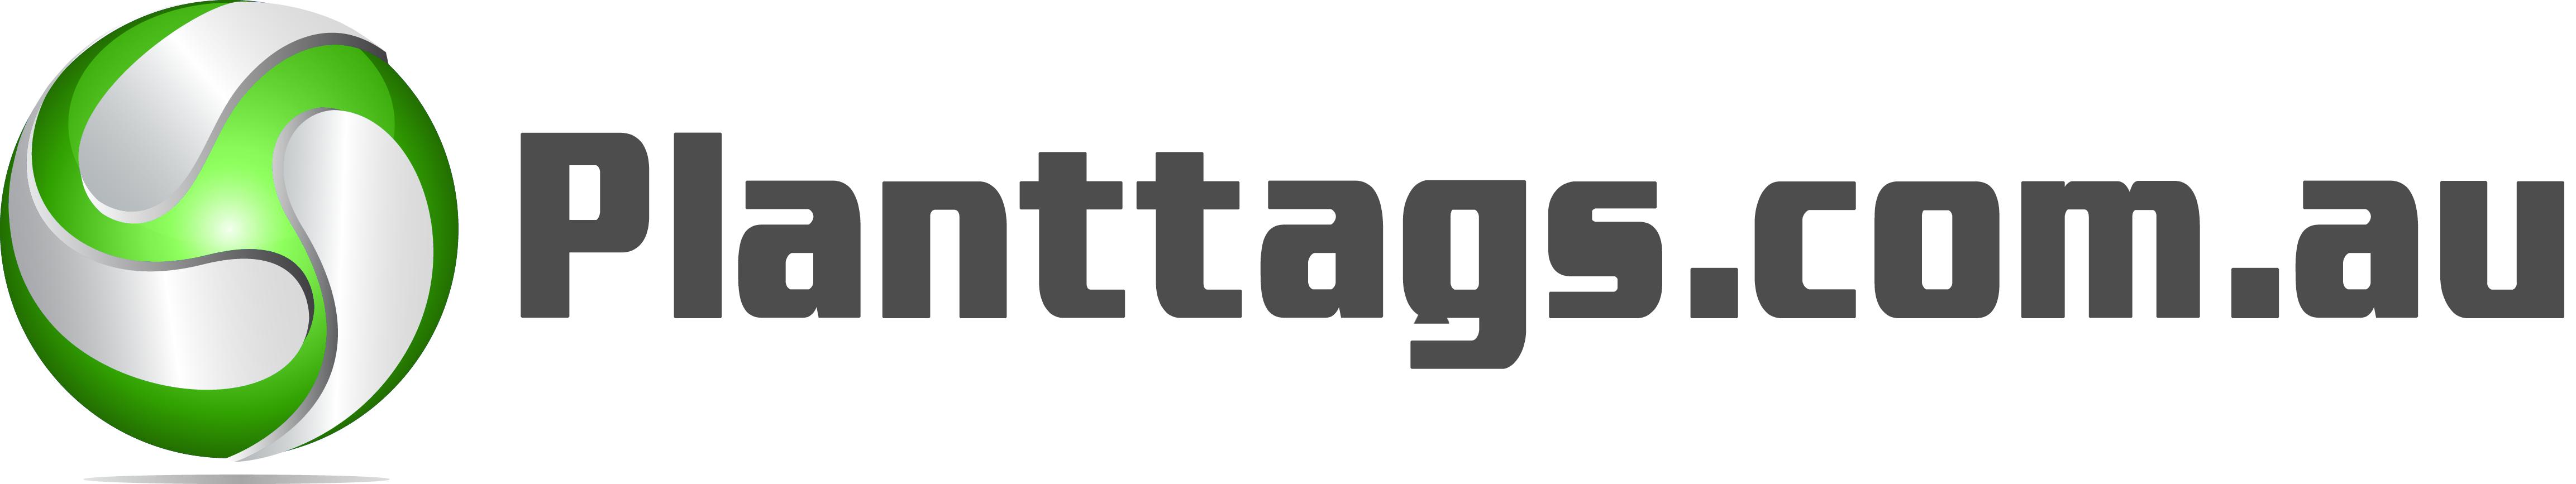 planttags.com.au